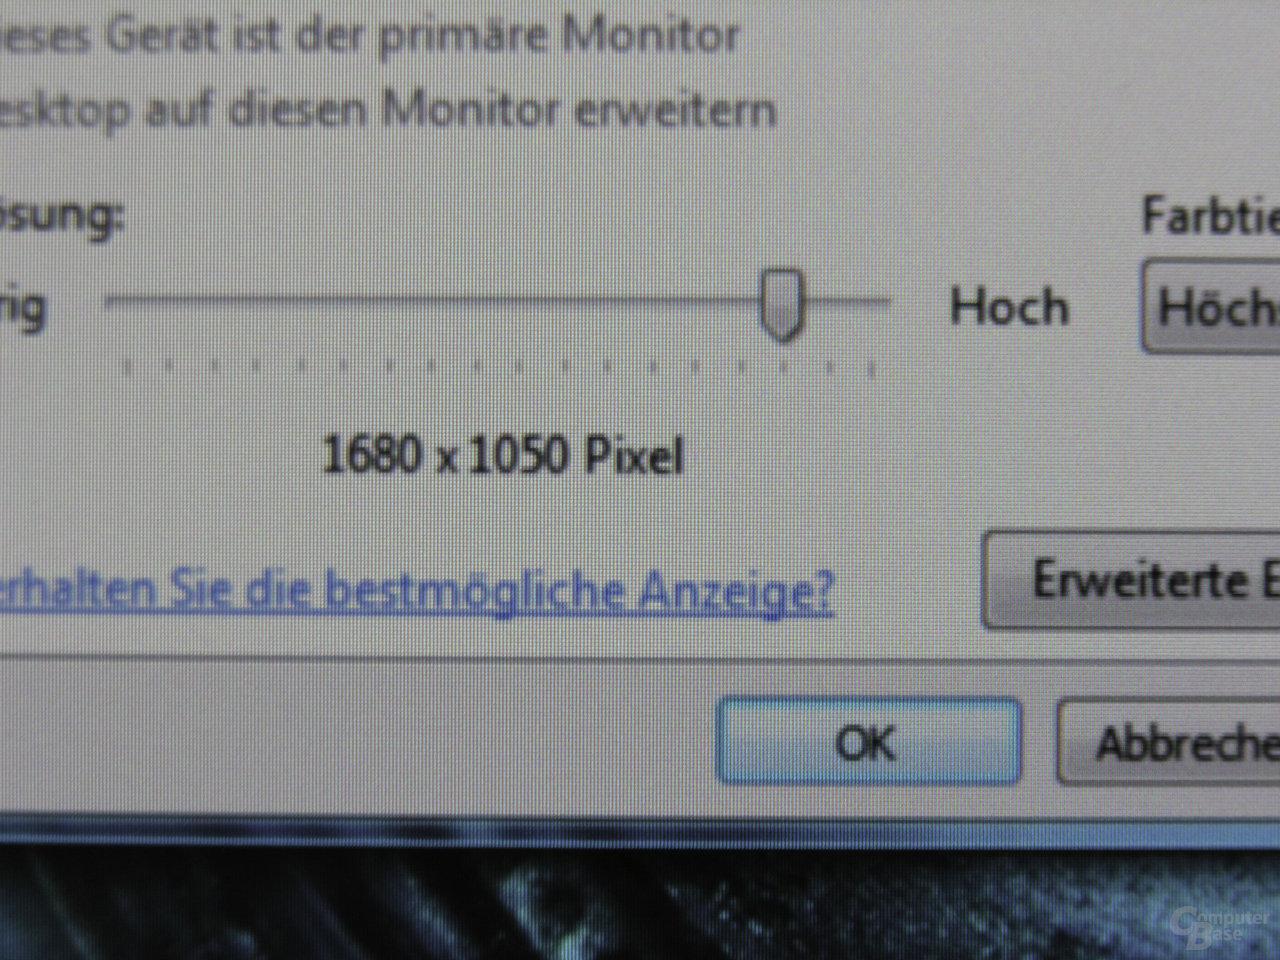 Interpolation auf 1680x1050